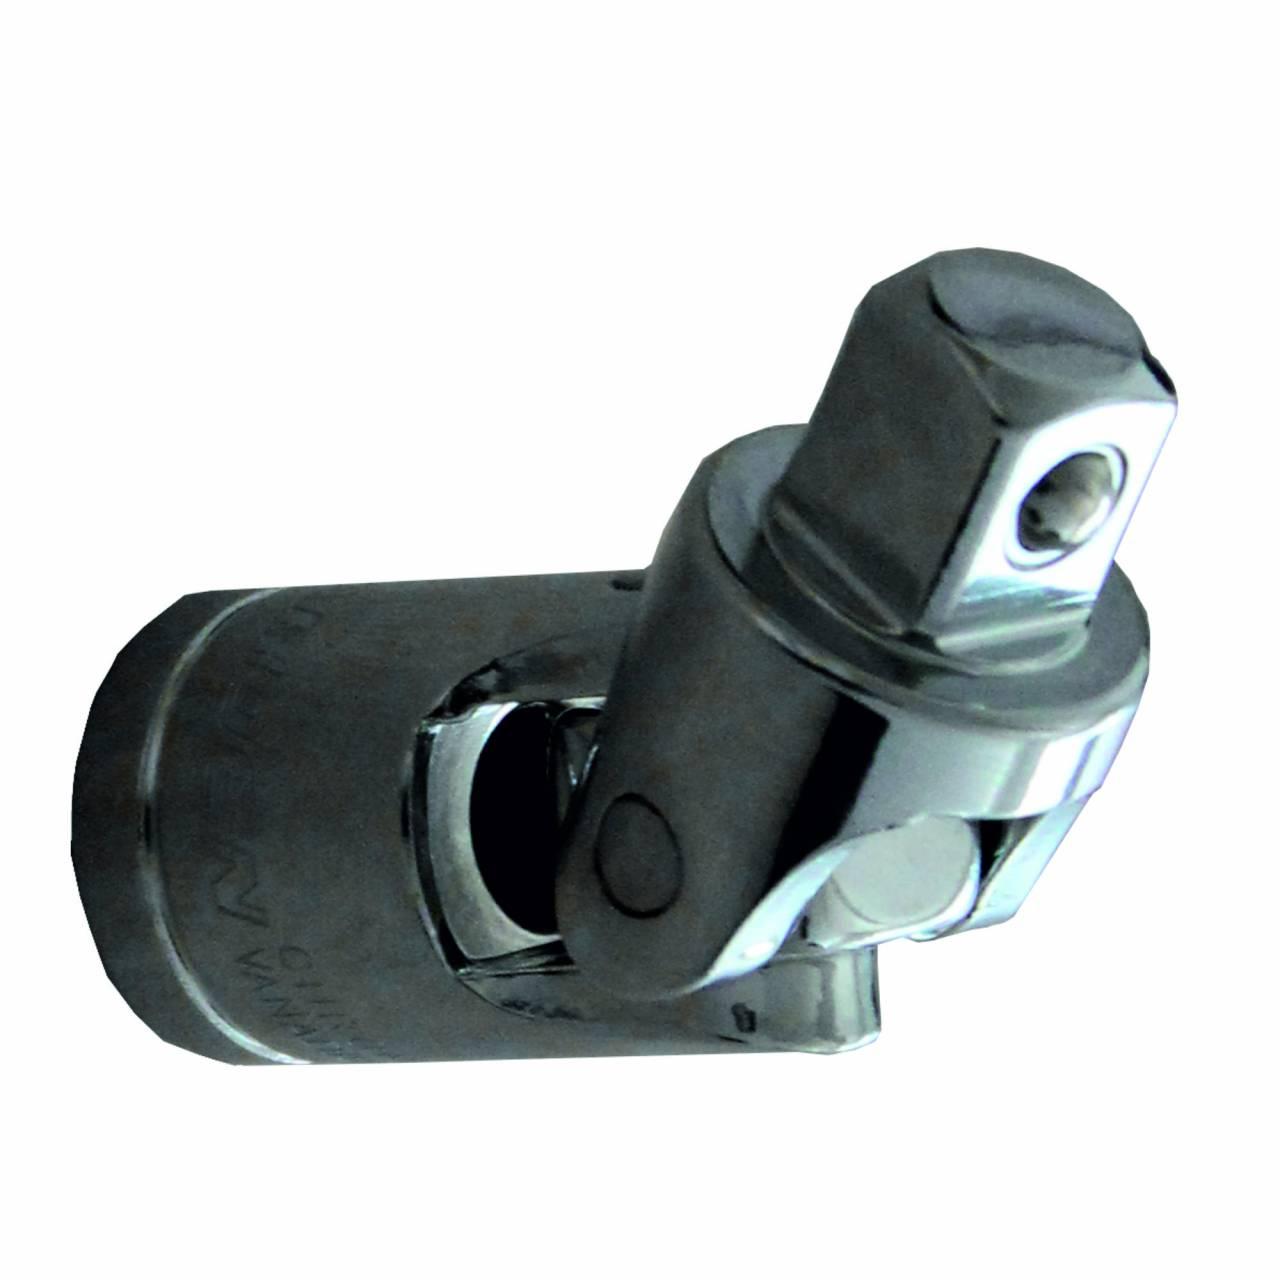 Kardangelenk 1/2'', CRV, 75 mm